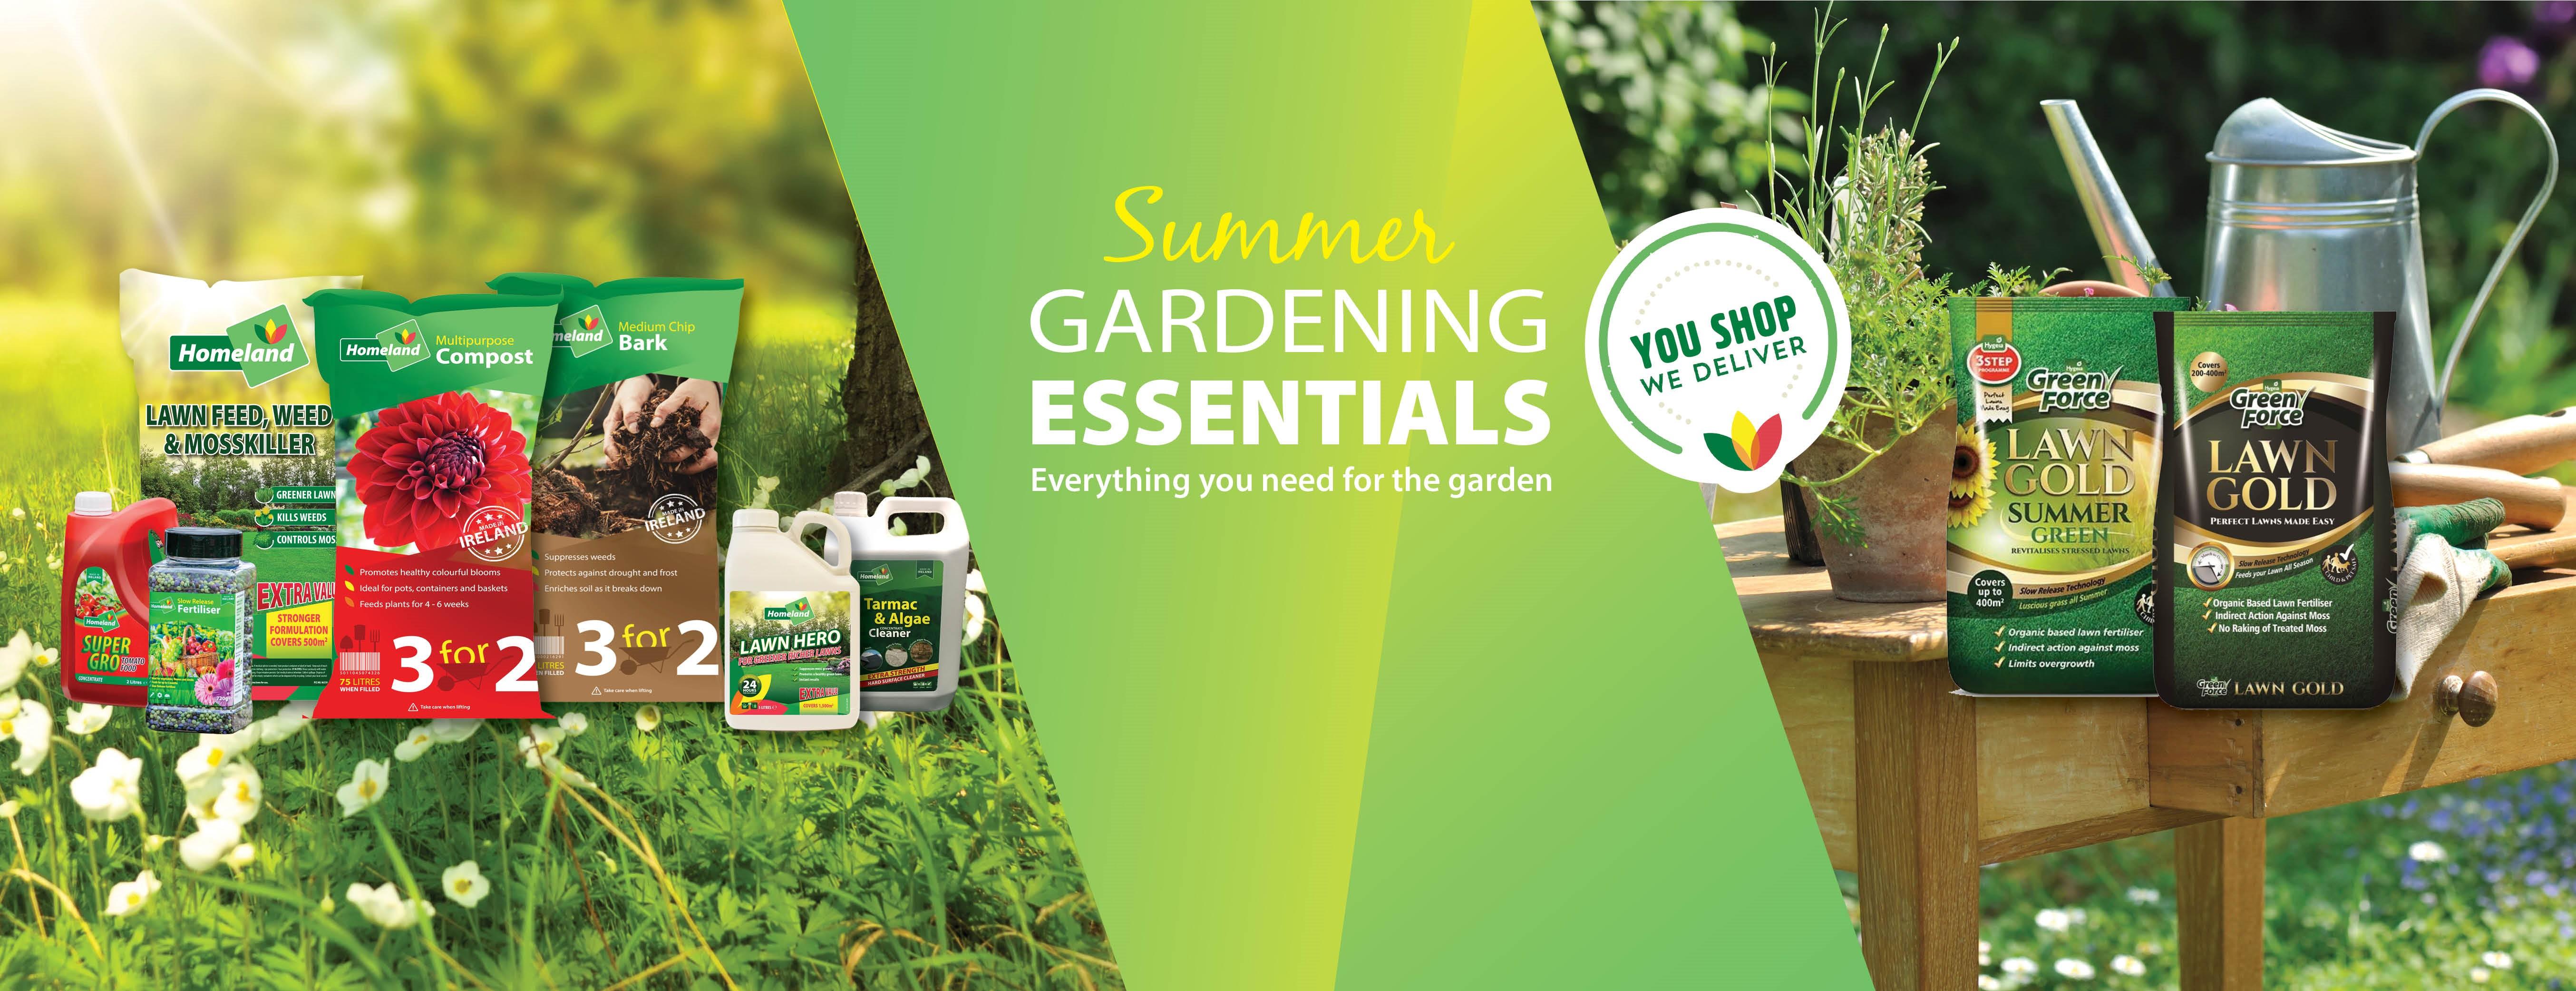 summer-garden-bannerdYN62ZMiMlUW8